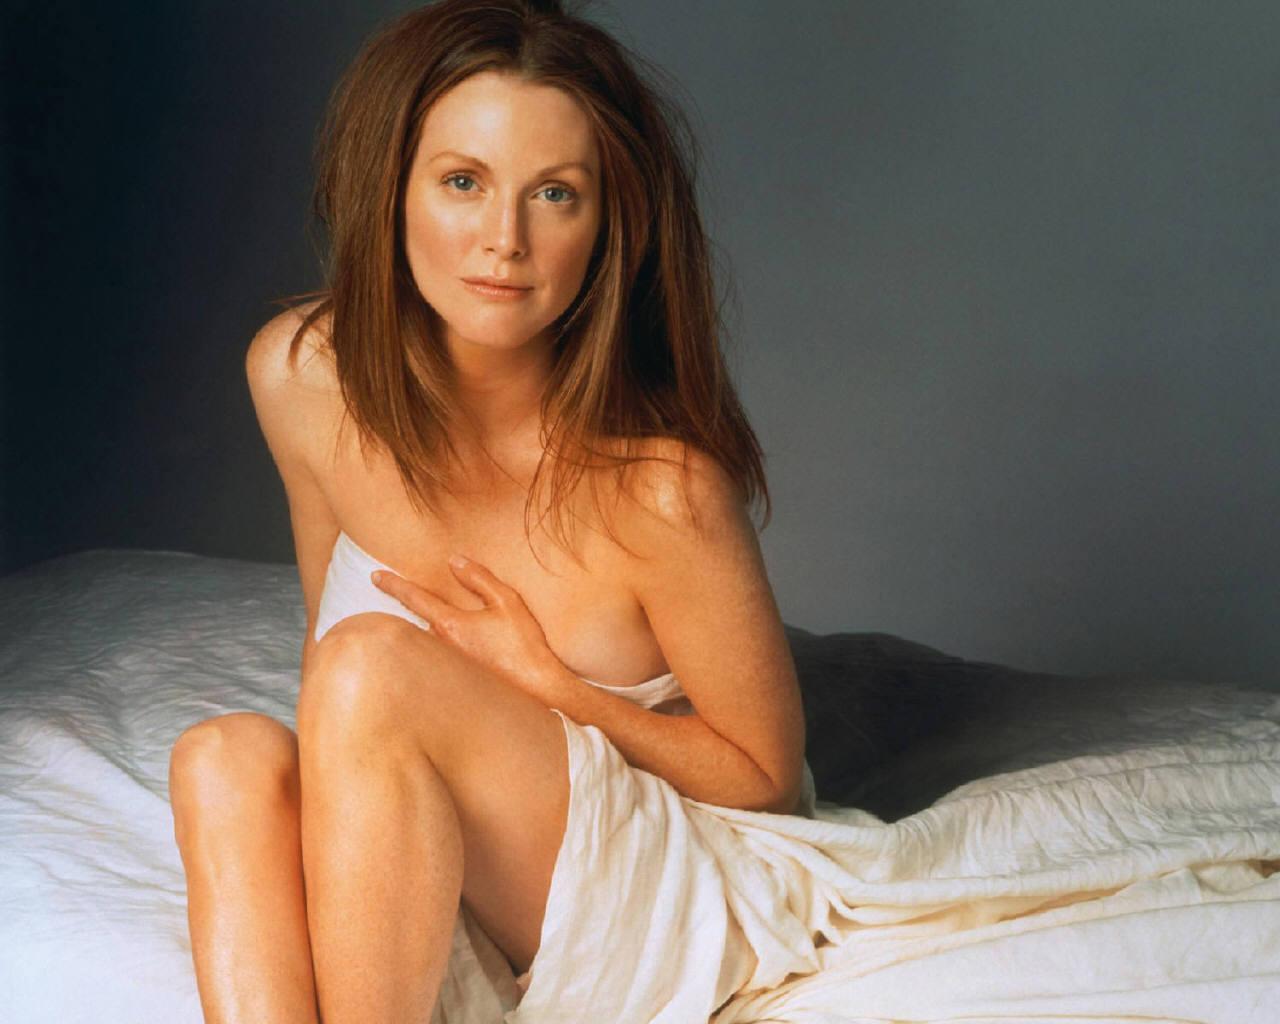 http://4.bp.blogspot.com/_gBJzB9cURo4/S_8F5OXCrvI/AAAAAAAABvQ/JOqVdT8daZY/s1600/Julianne-Moore-julianne-moore-253334_1280_1024.jpg